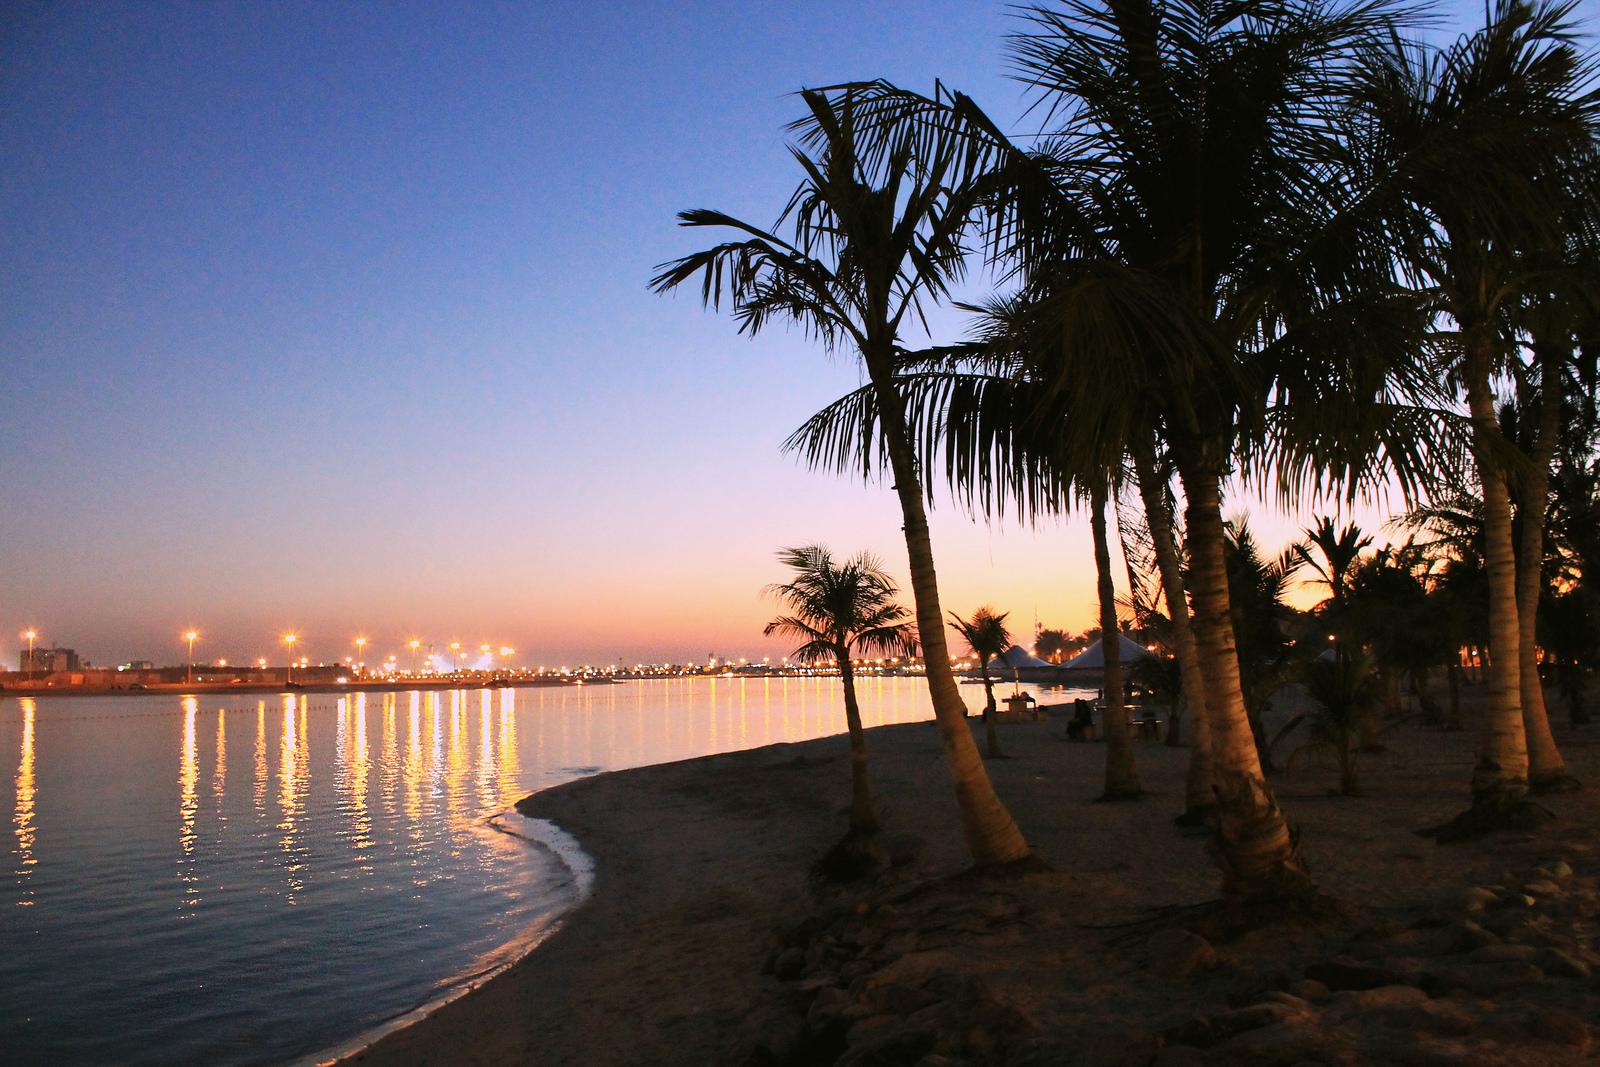 Al mamzar beach park пляж фото